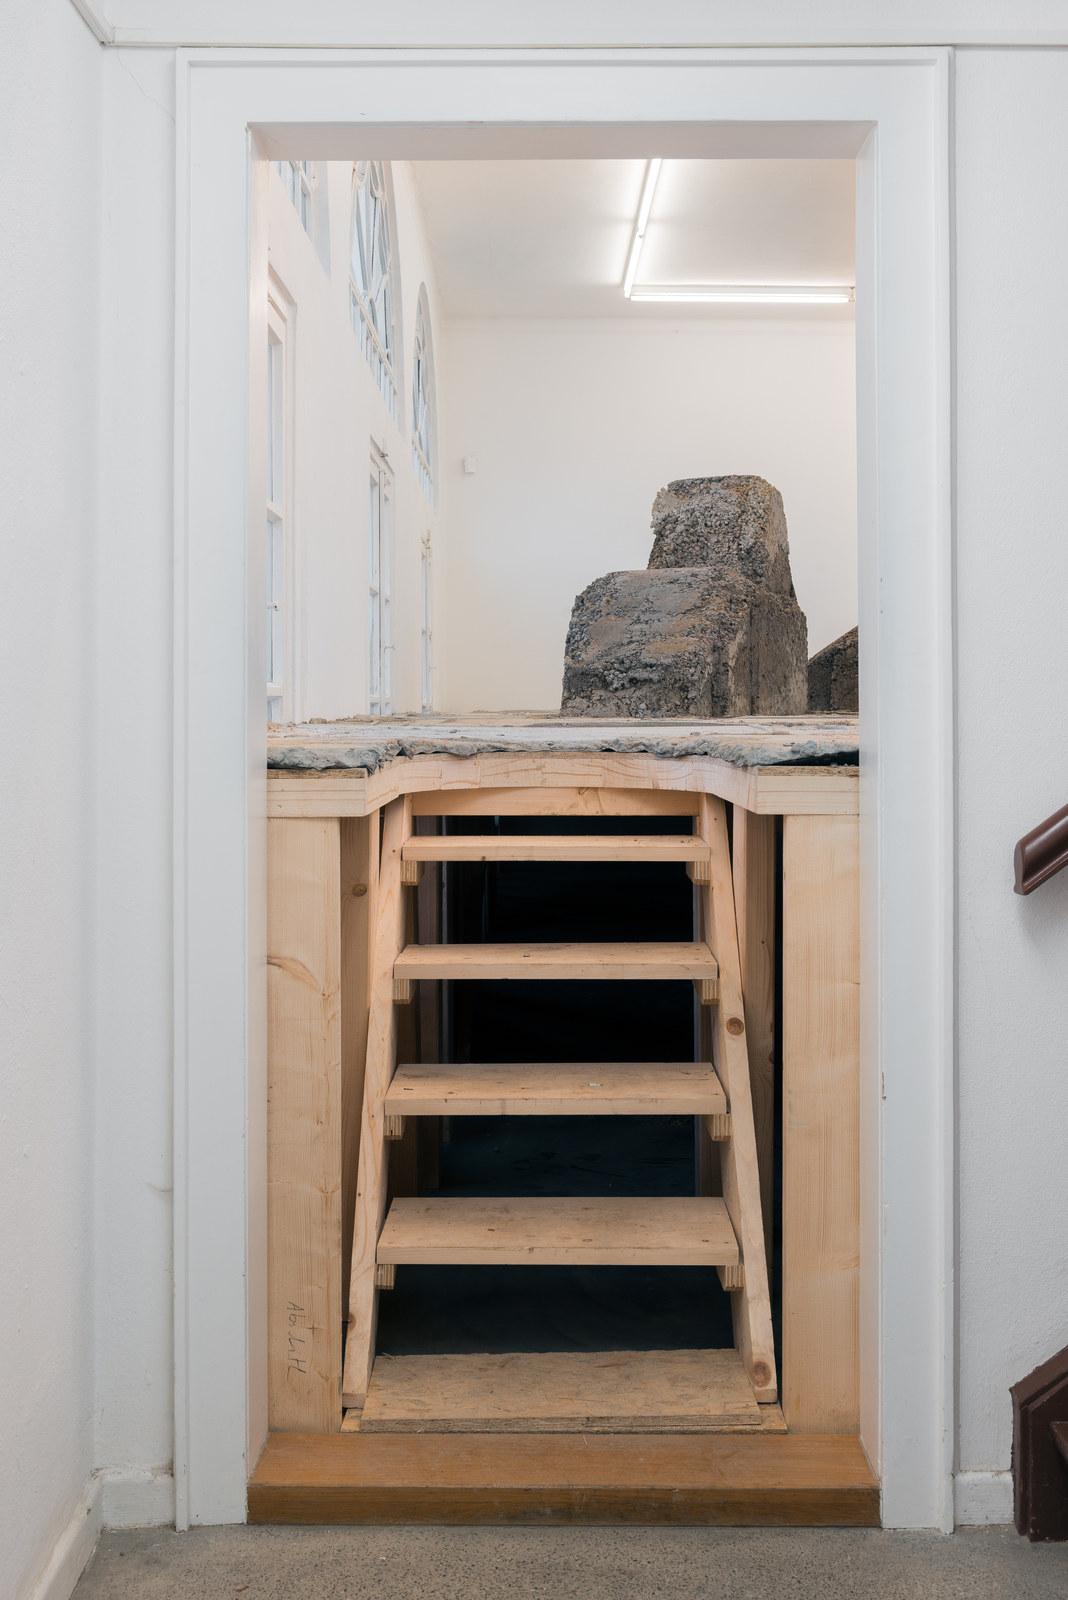 Tiril Hasselknippe at Kunstverein Braunschweig_09